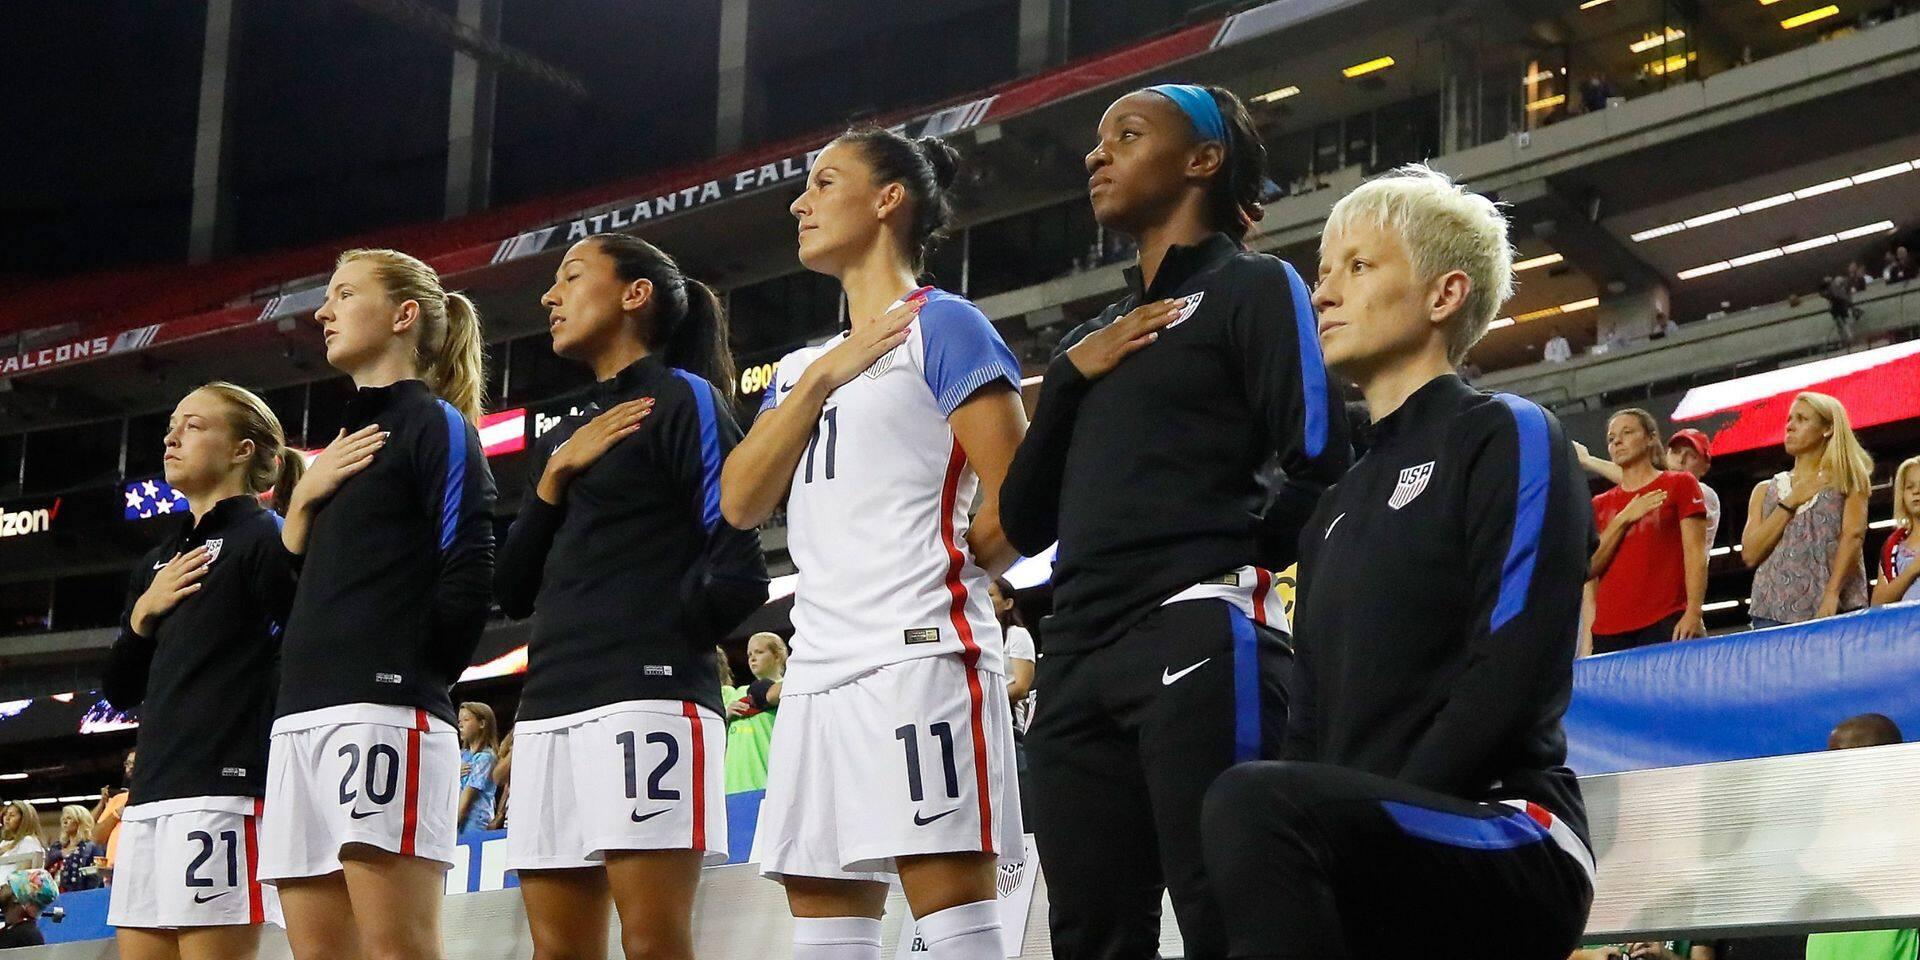 Officiel: la Fédération américaine abroge l'interdiction de s'agenouiller pendant l'hymne